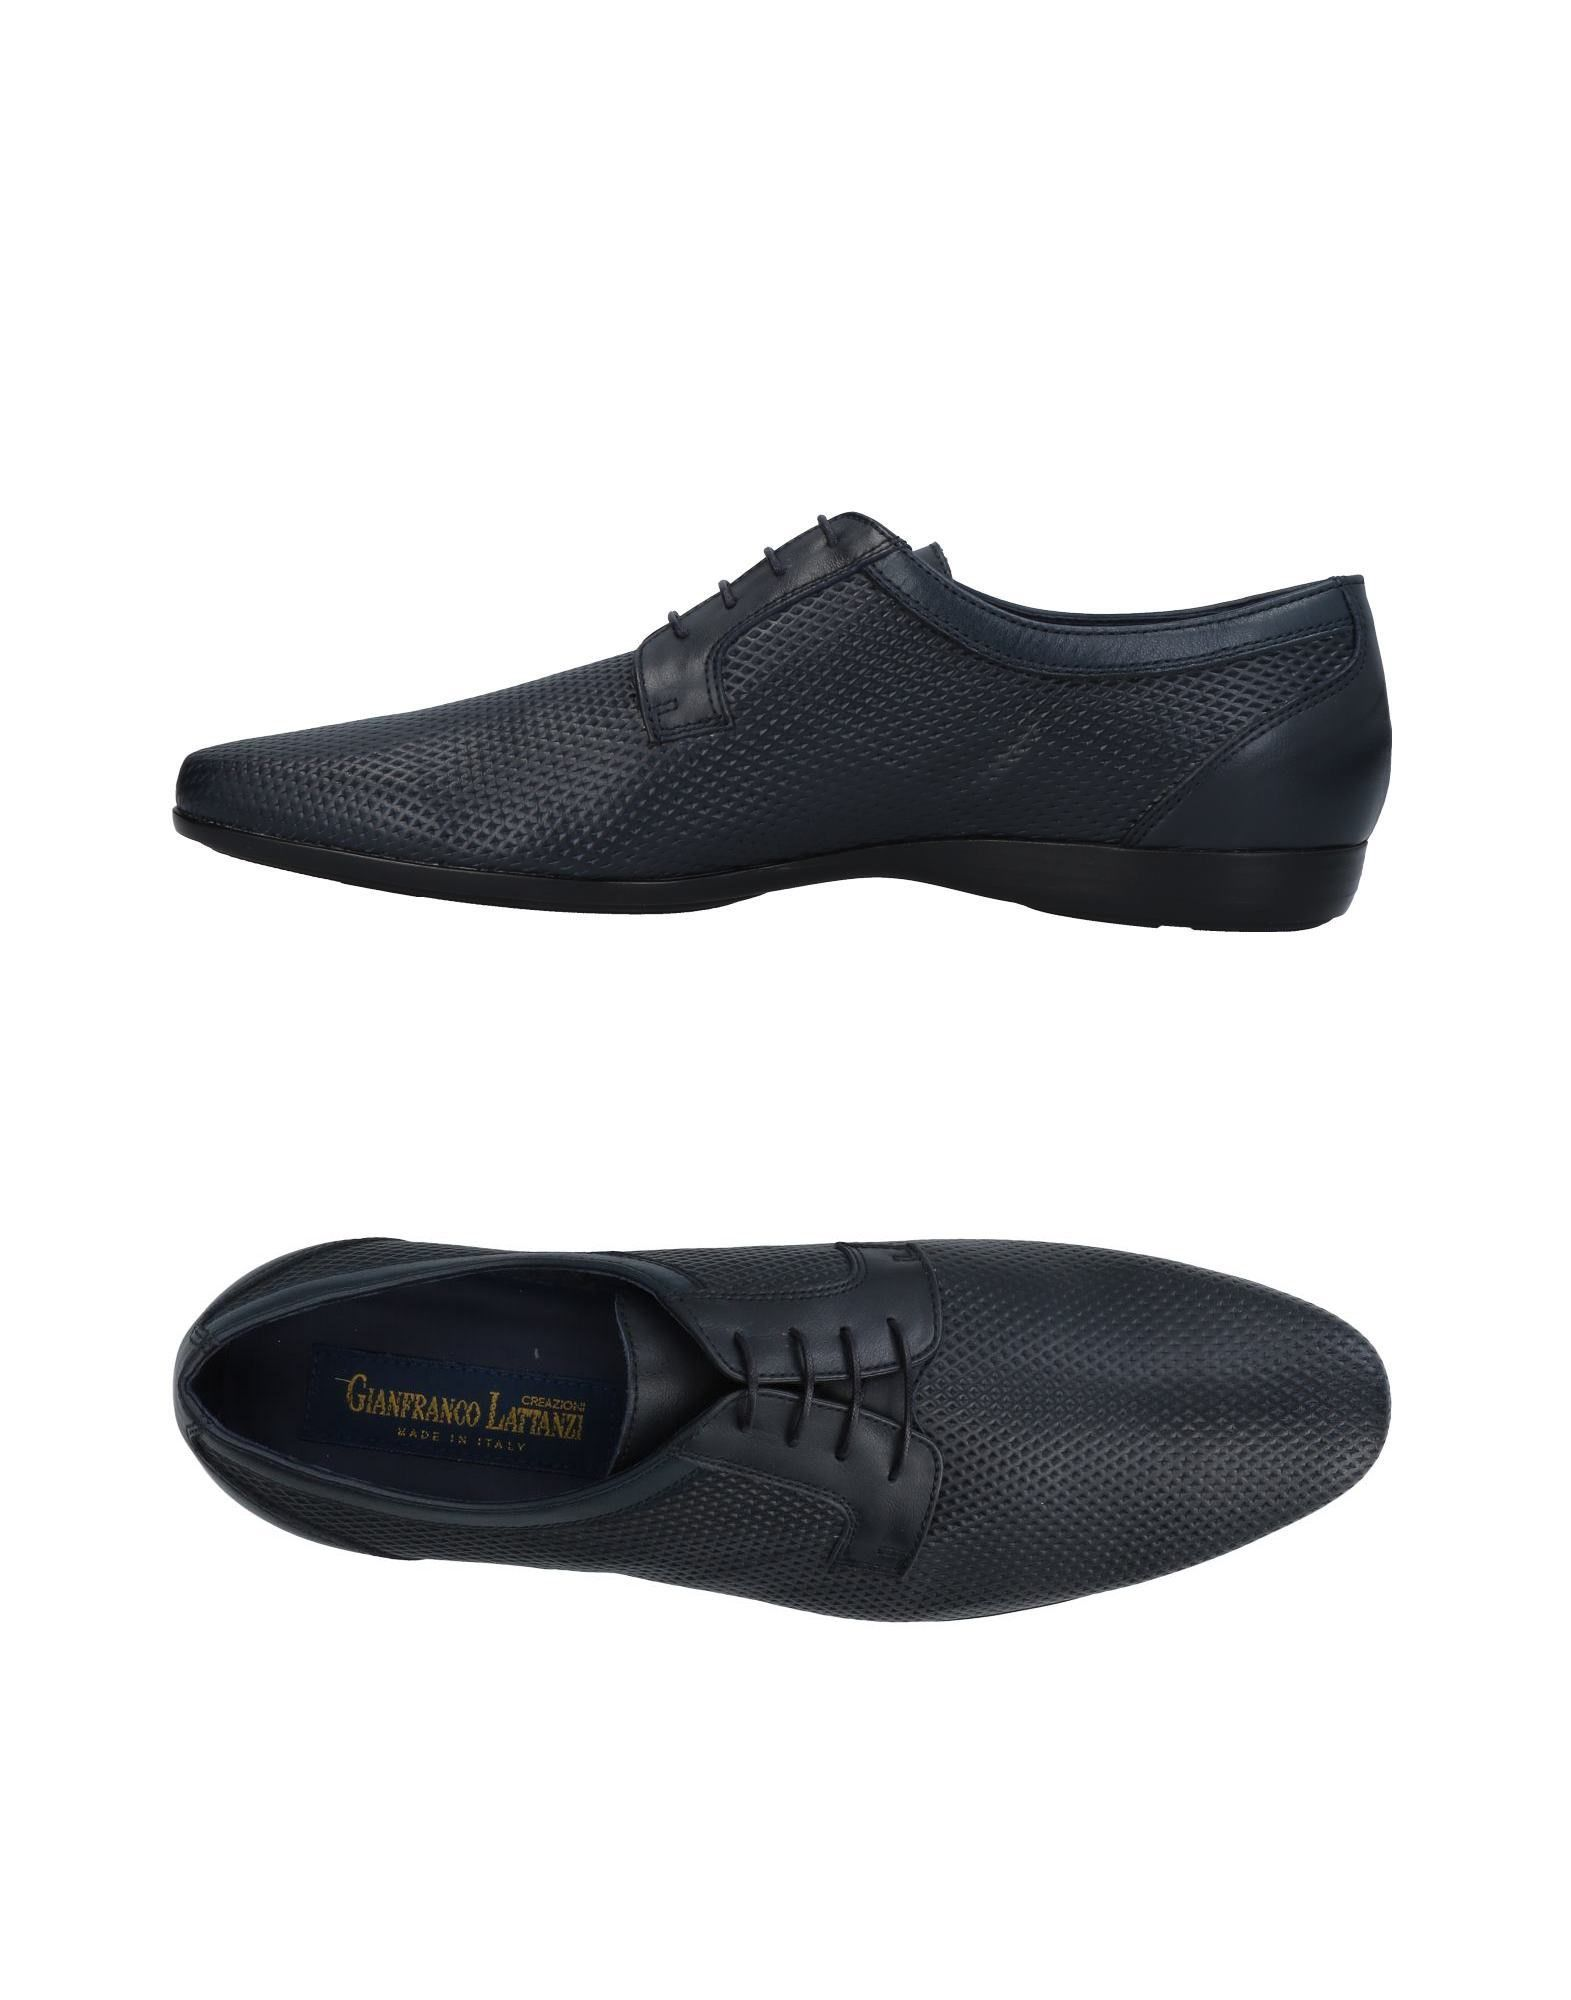 Rabatt echte Schuhe Gianfranco Lattanzi Schnürschuhe Herren  11430102CT